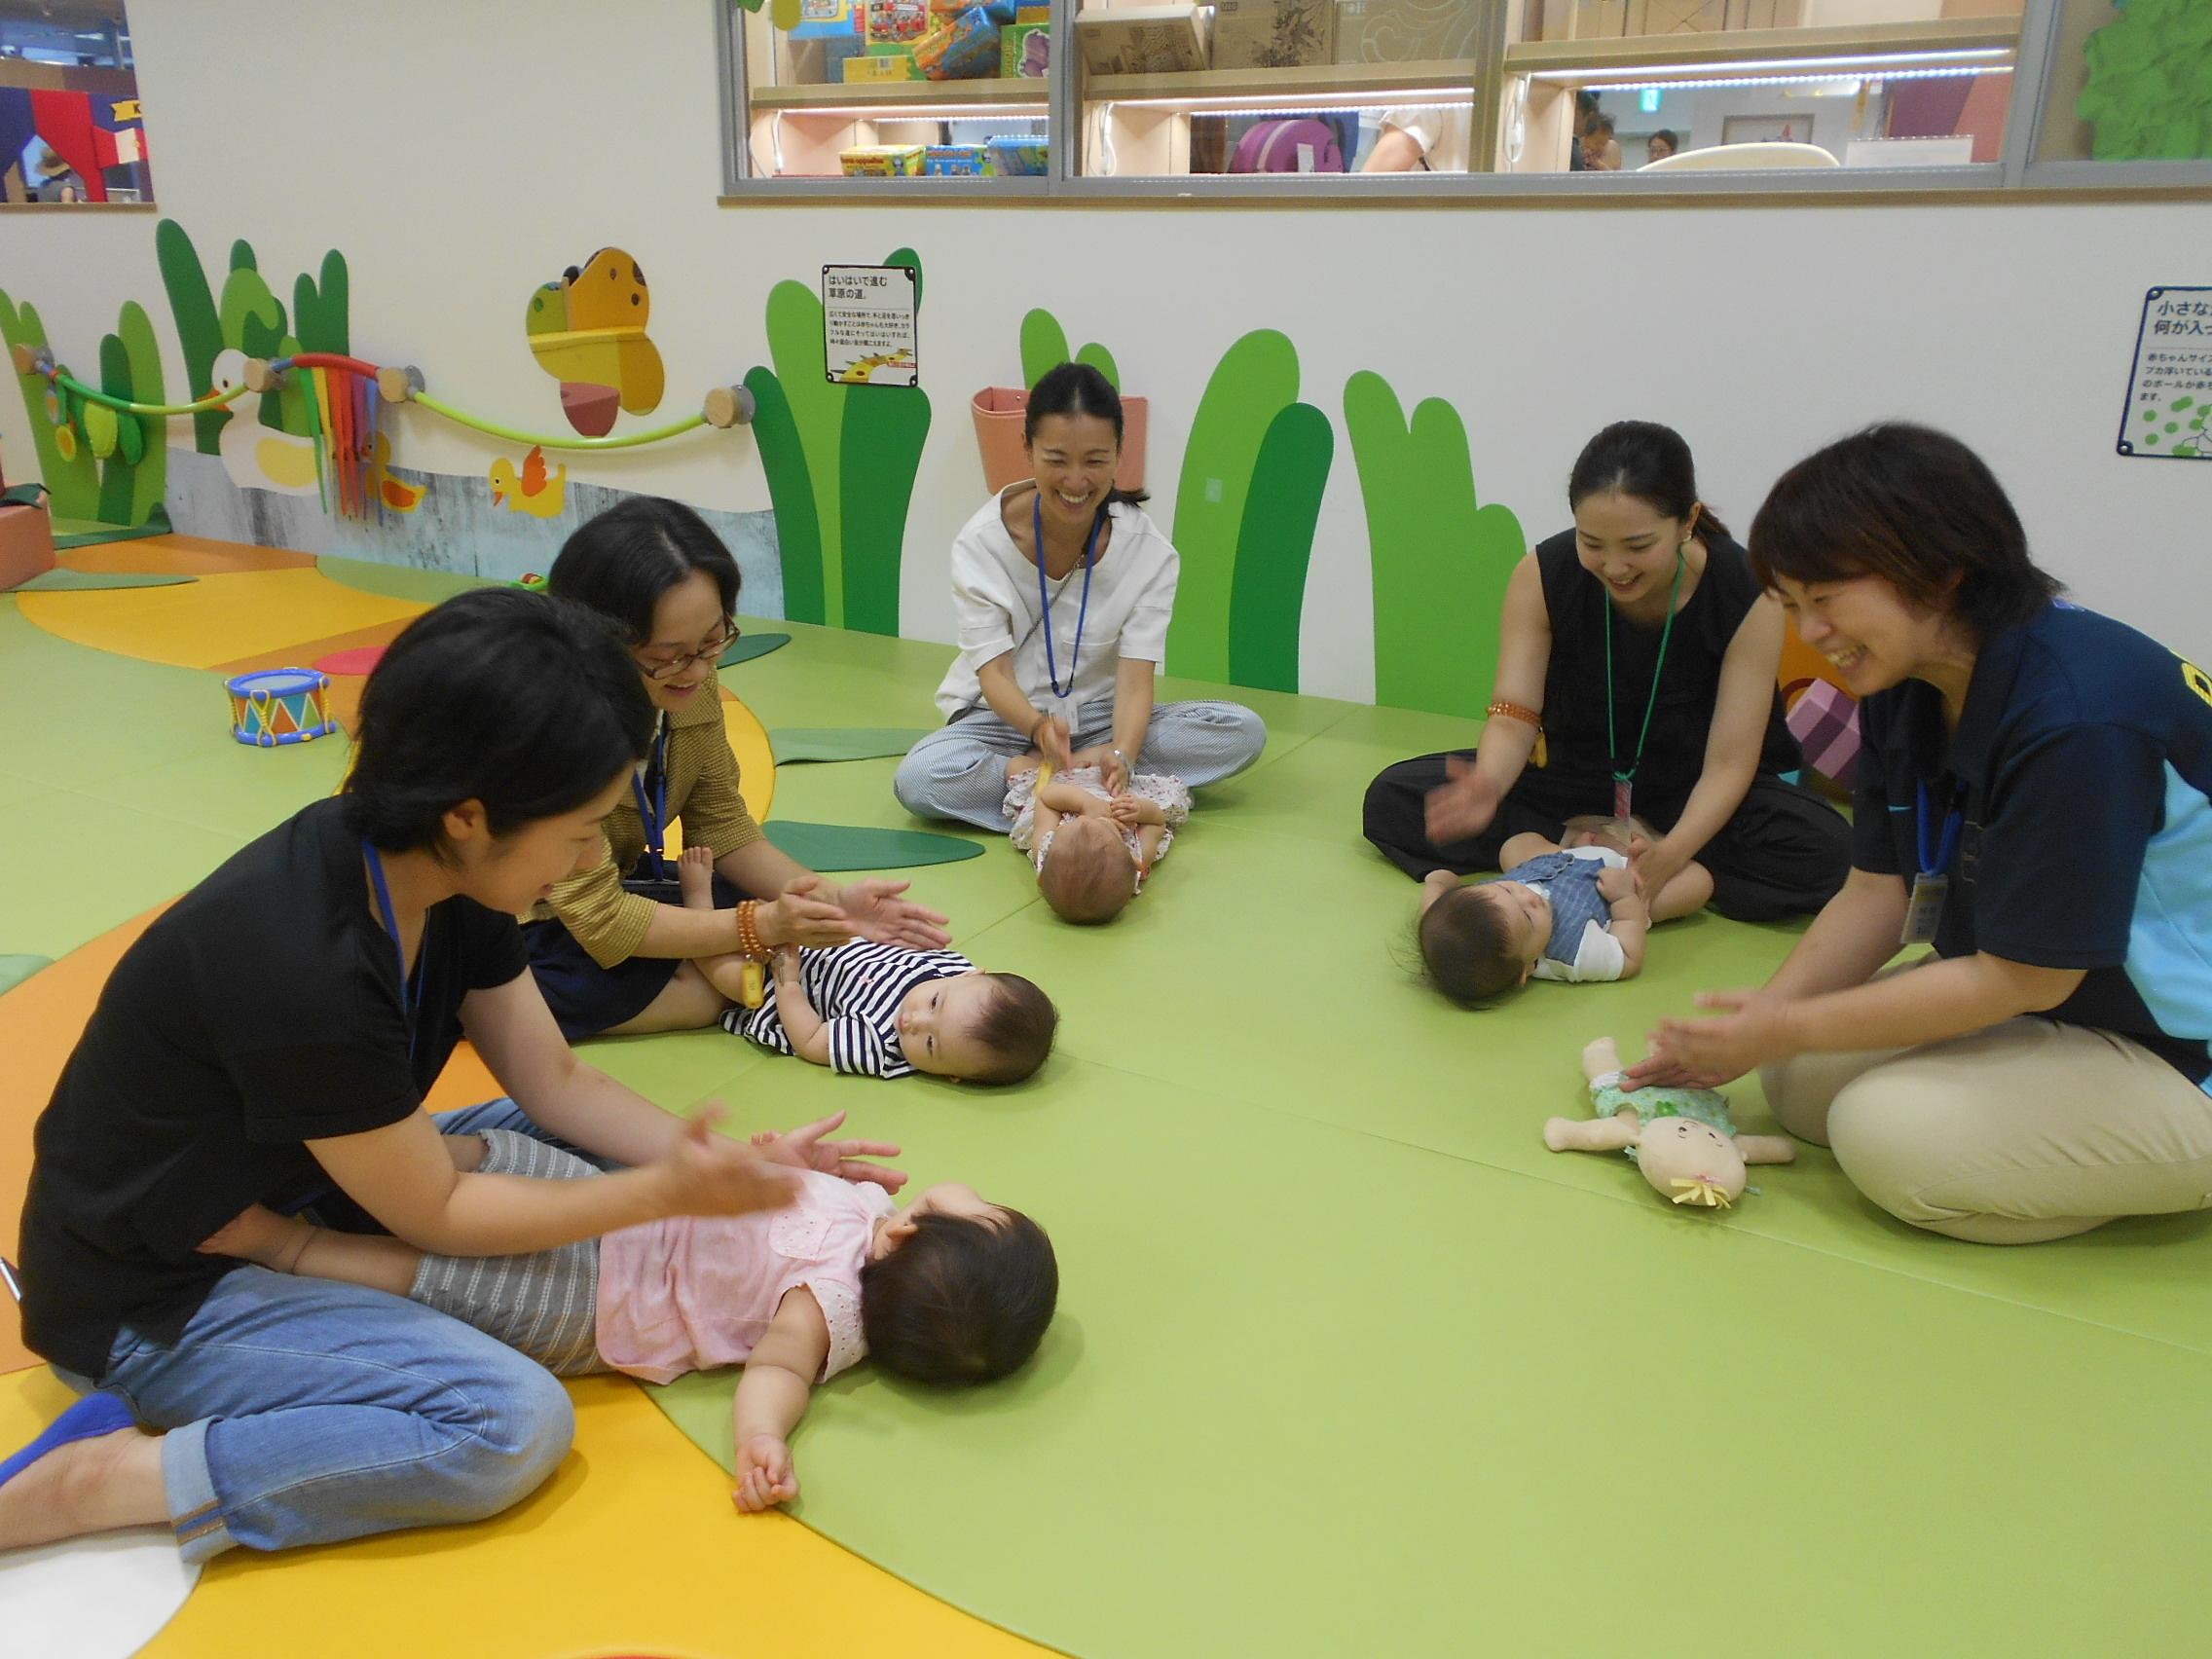 【6ヶ月未満のお子様へ】6月のプレキドキド体験会のご案内